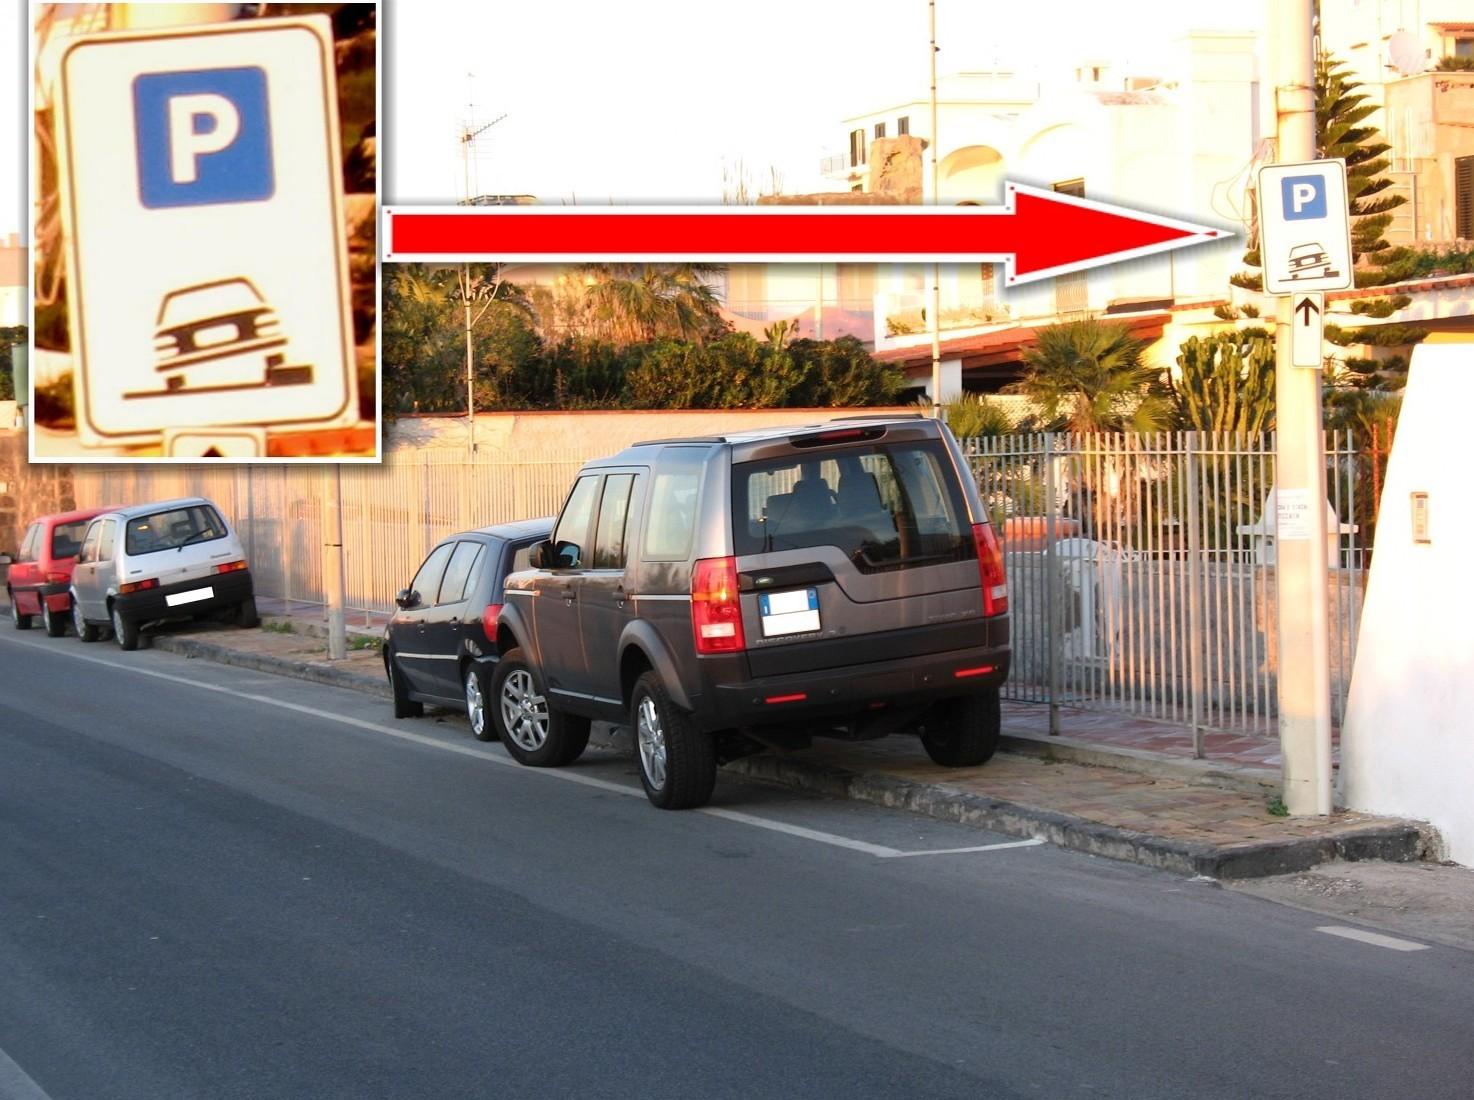 Parcheggiare l'auto sul marciapiede. I casi in cui si può fare senza multa